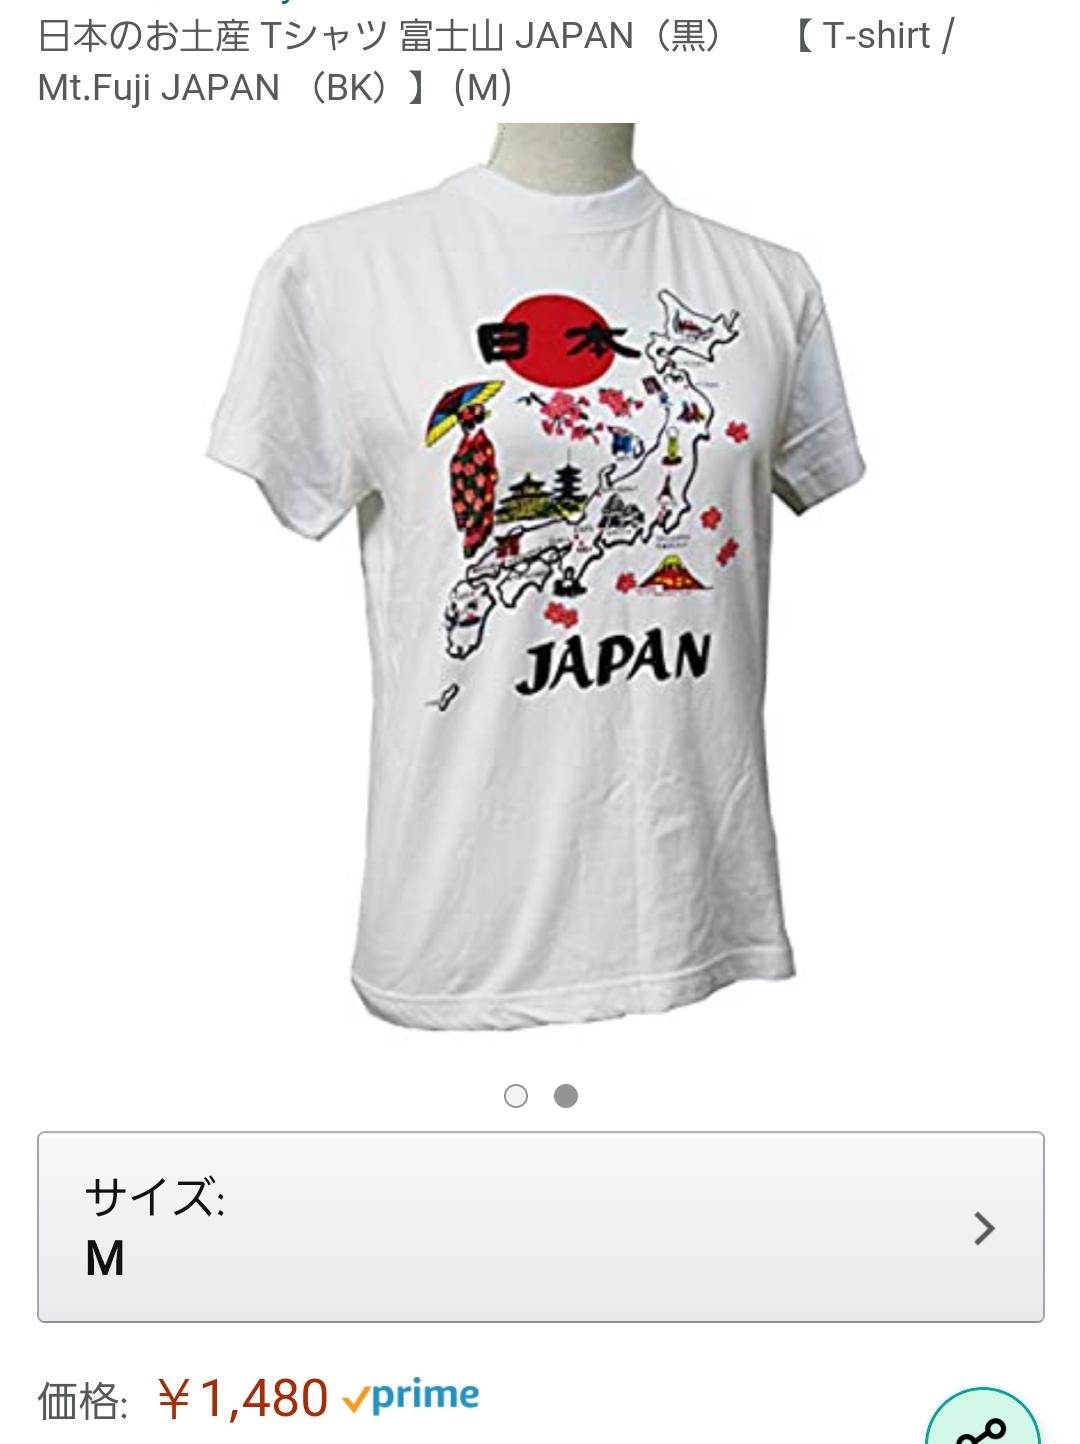 林瑠奈 日本 Tシャツ